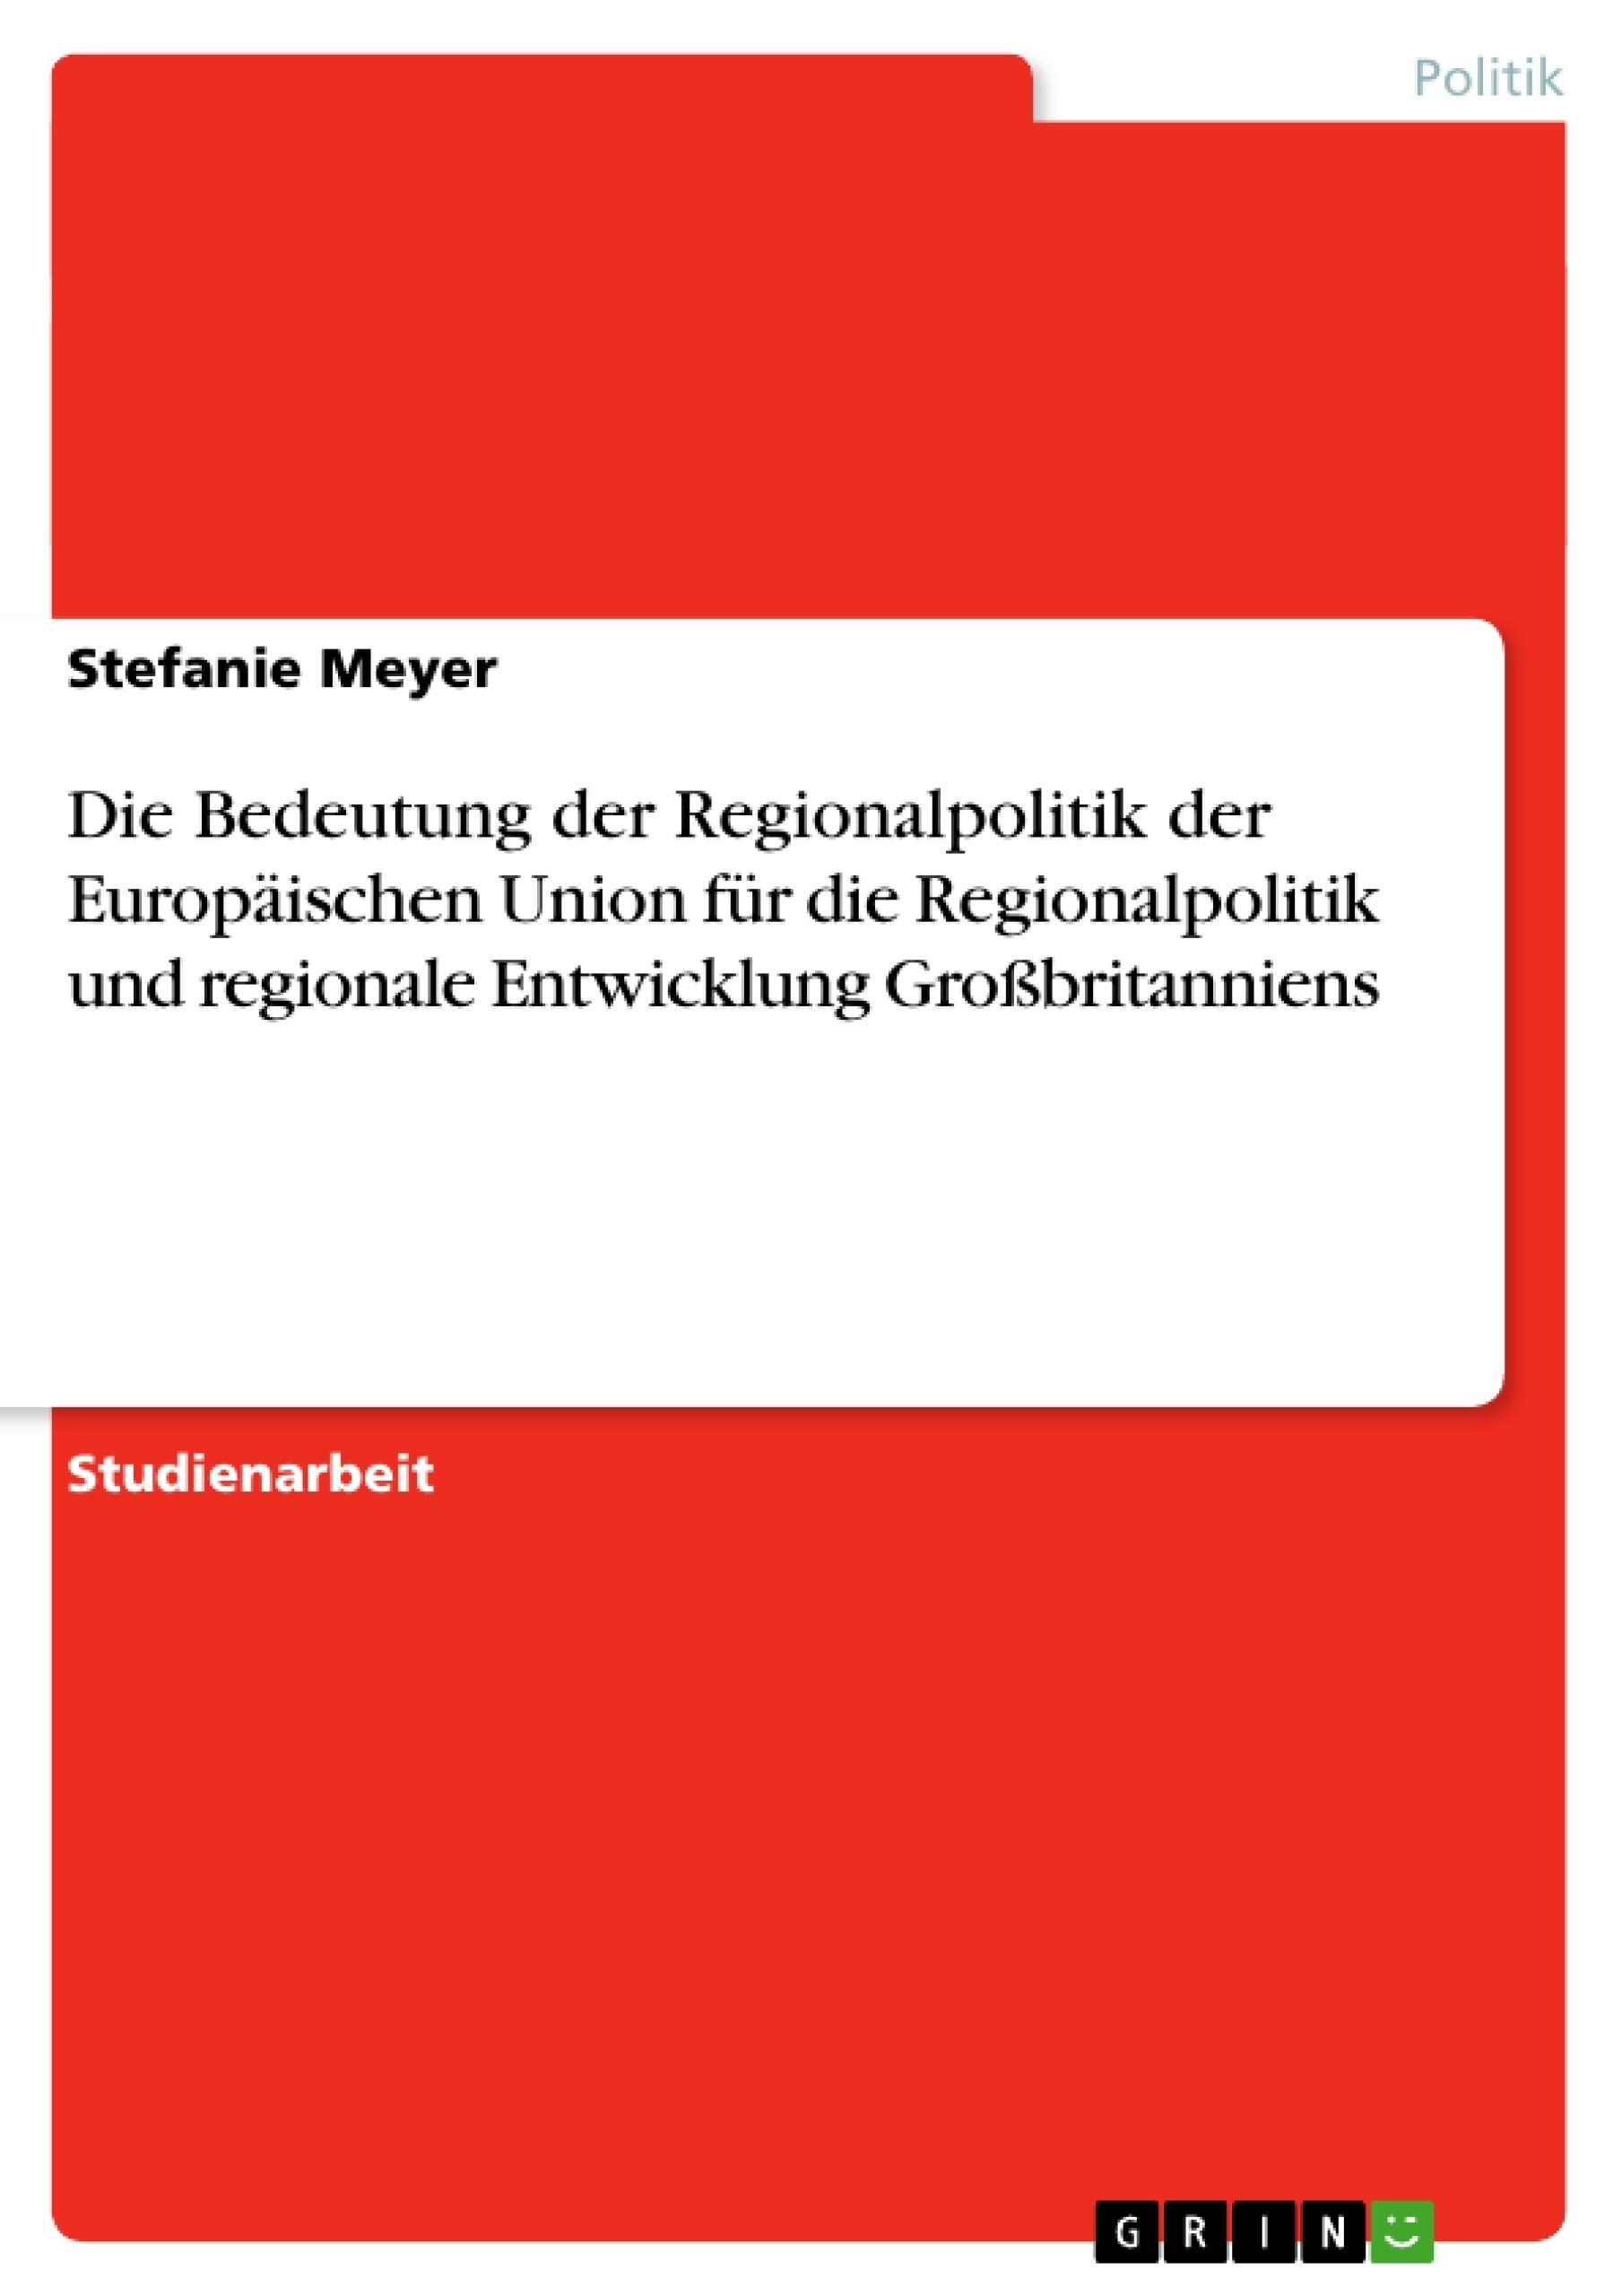 Titel: Die Bedeutung der Regionalpolitik der  Europäischen Union für die Regionalpolitik und regionale Entwicklung Großbritanniens